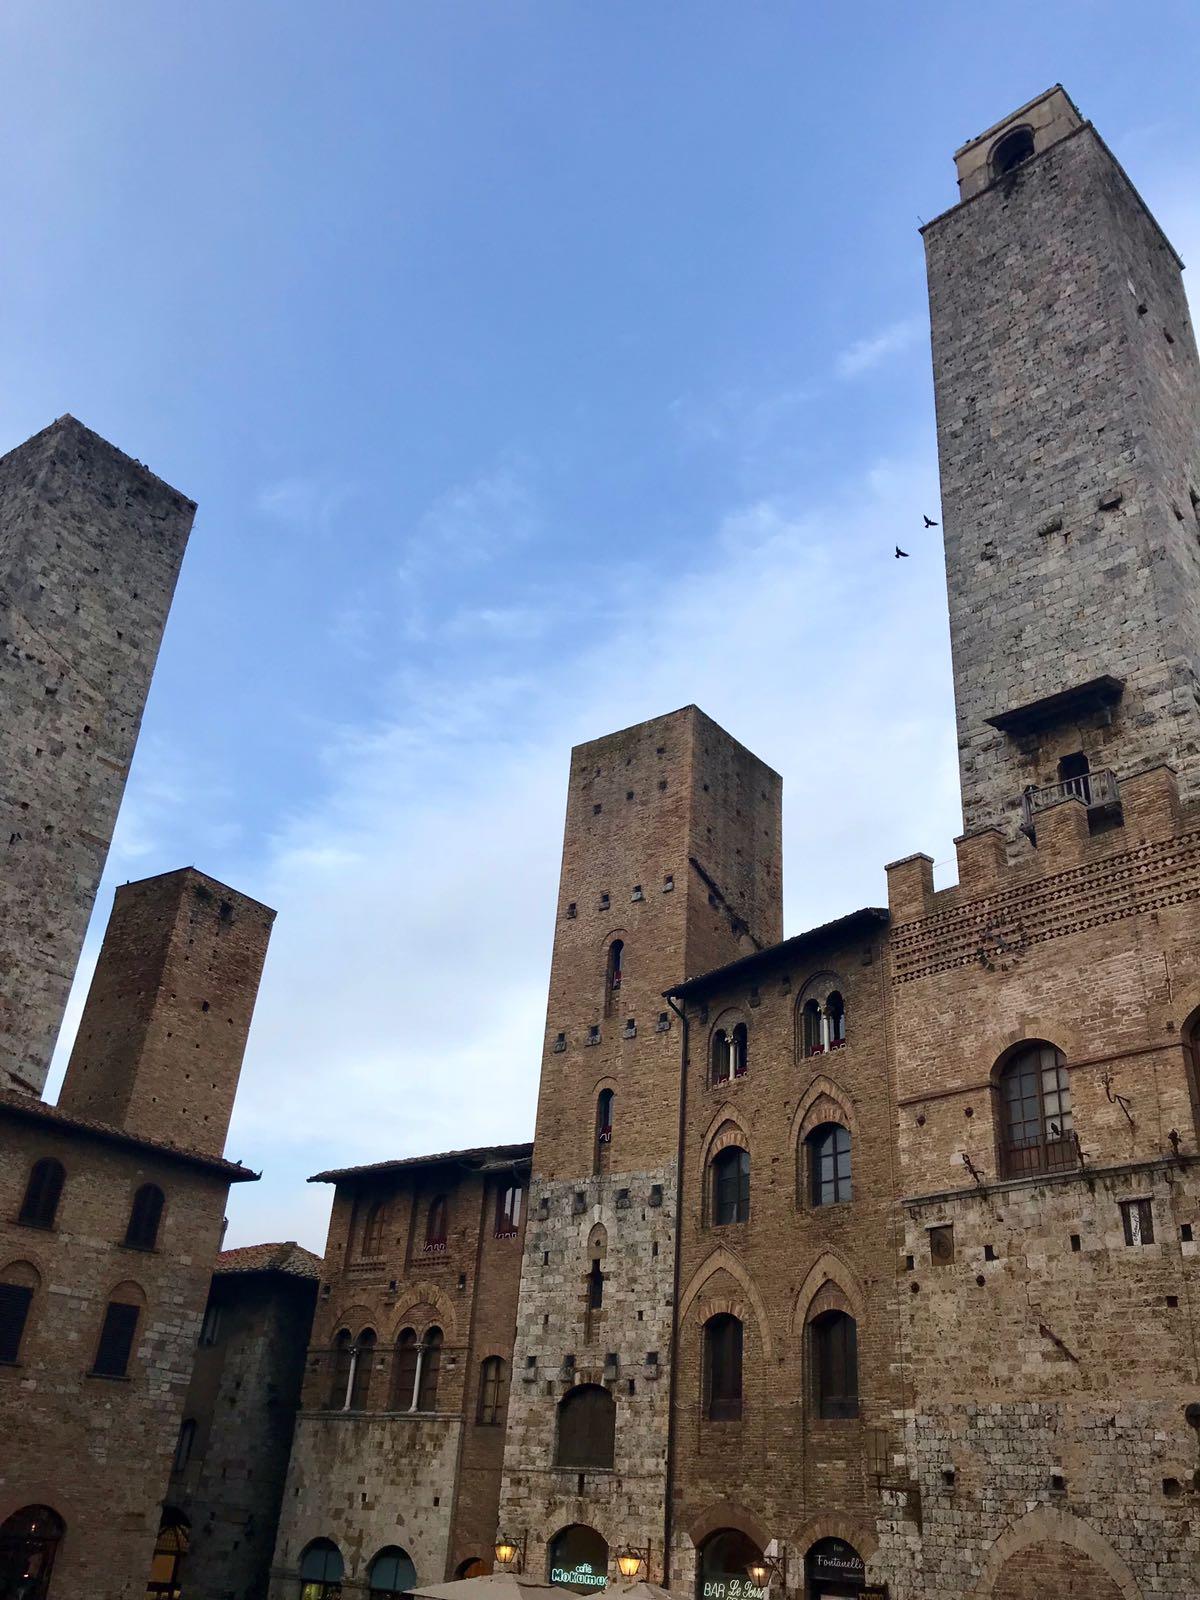 The towers of Piazza Della Erb in San Gimignano